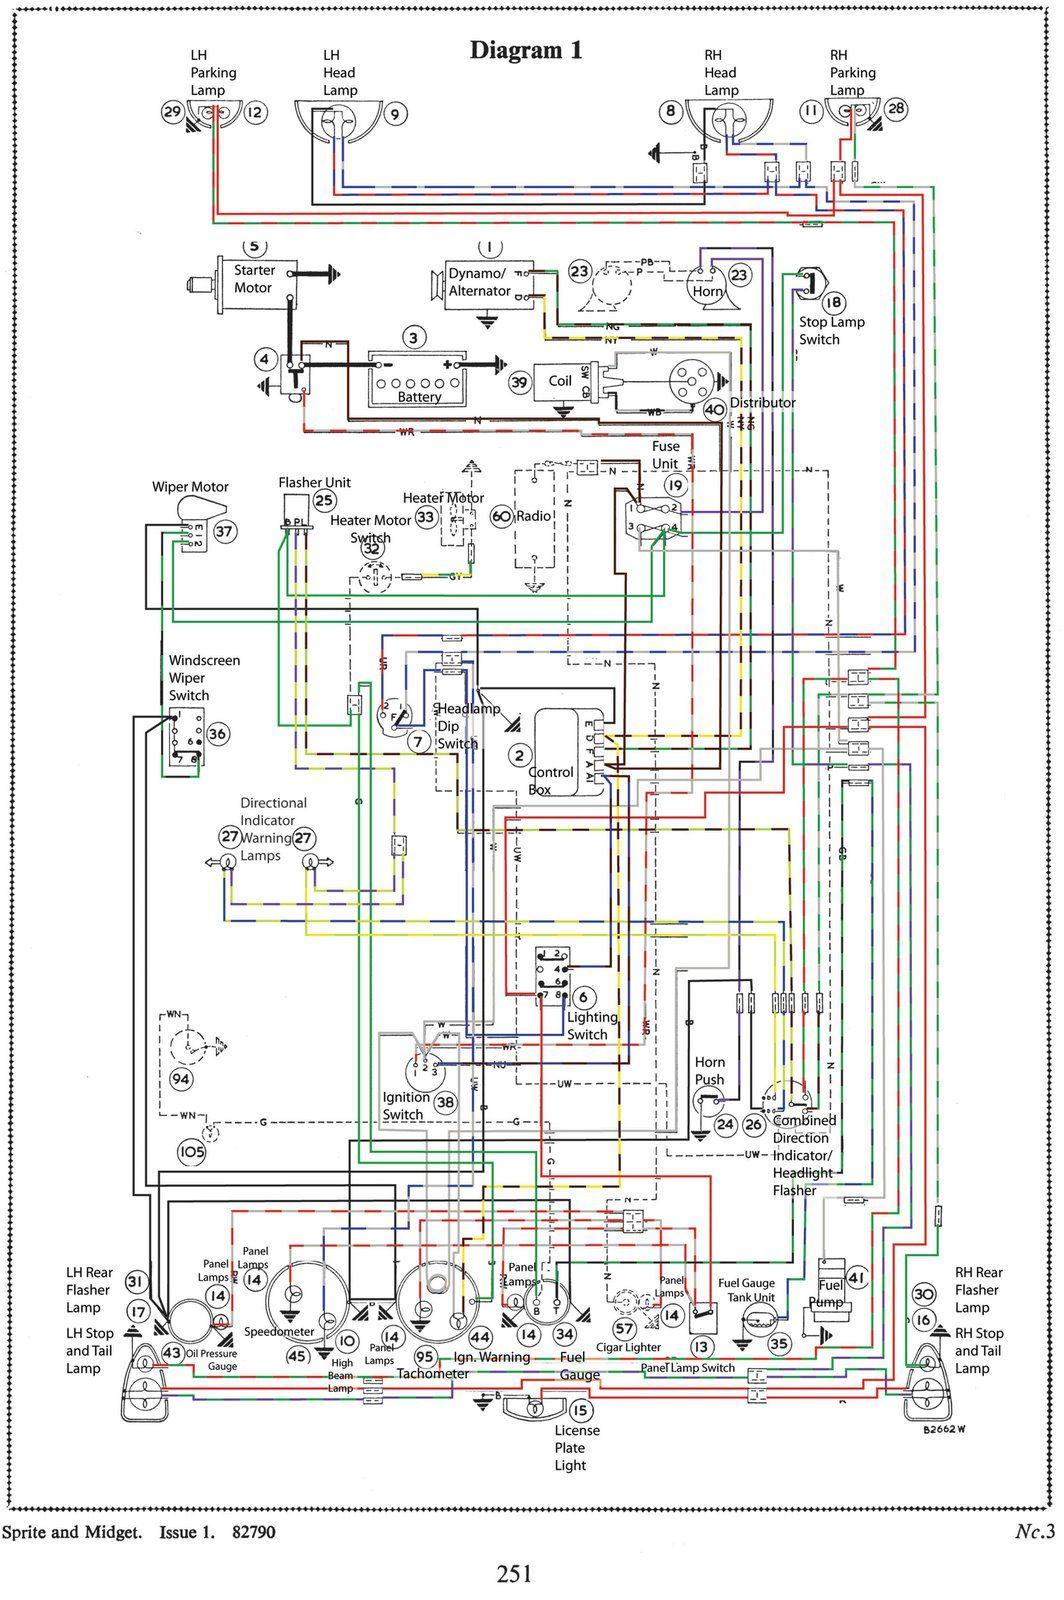 Mk3 Sprite Wiring Diagram | Austin Healey Sprite & Mg Midget - Mg Wiring Diagram